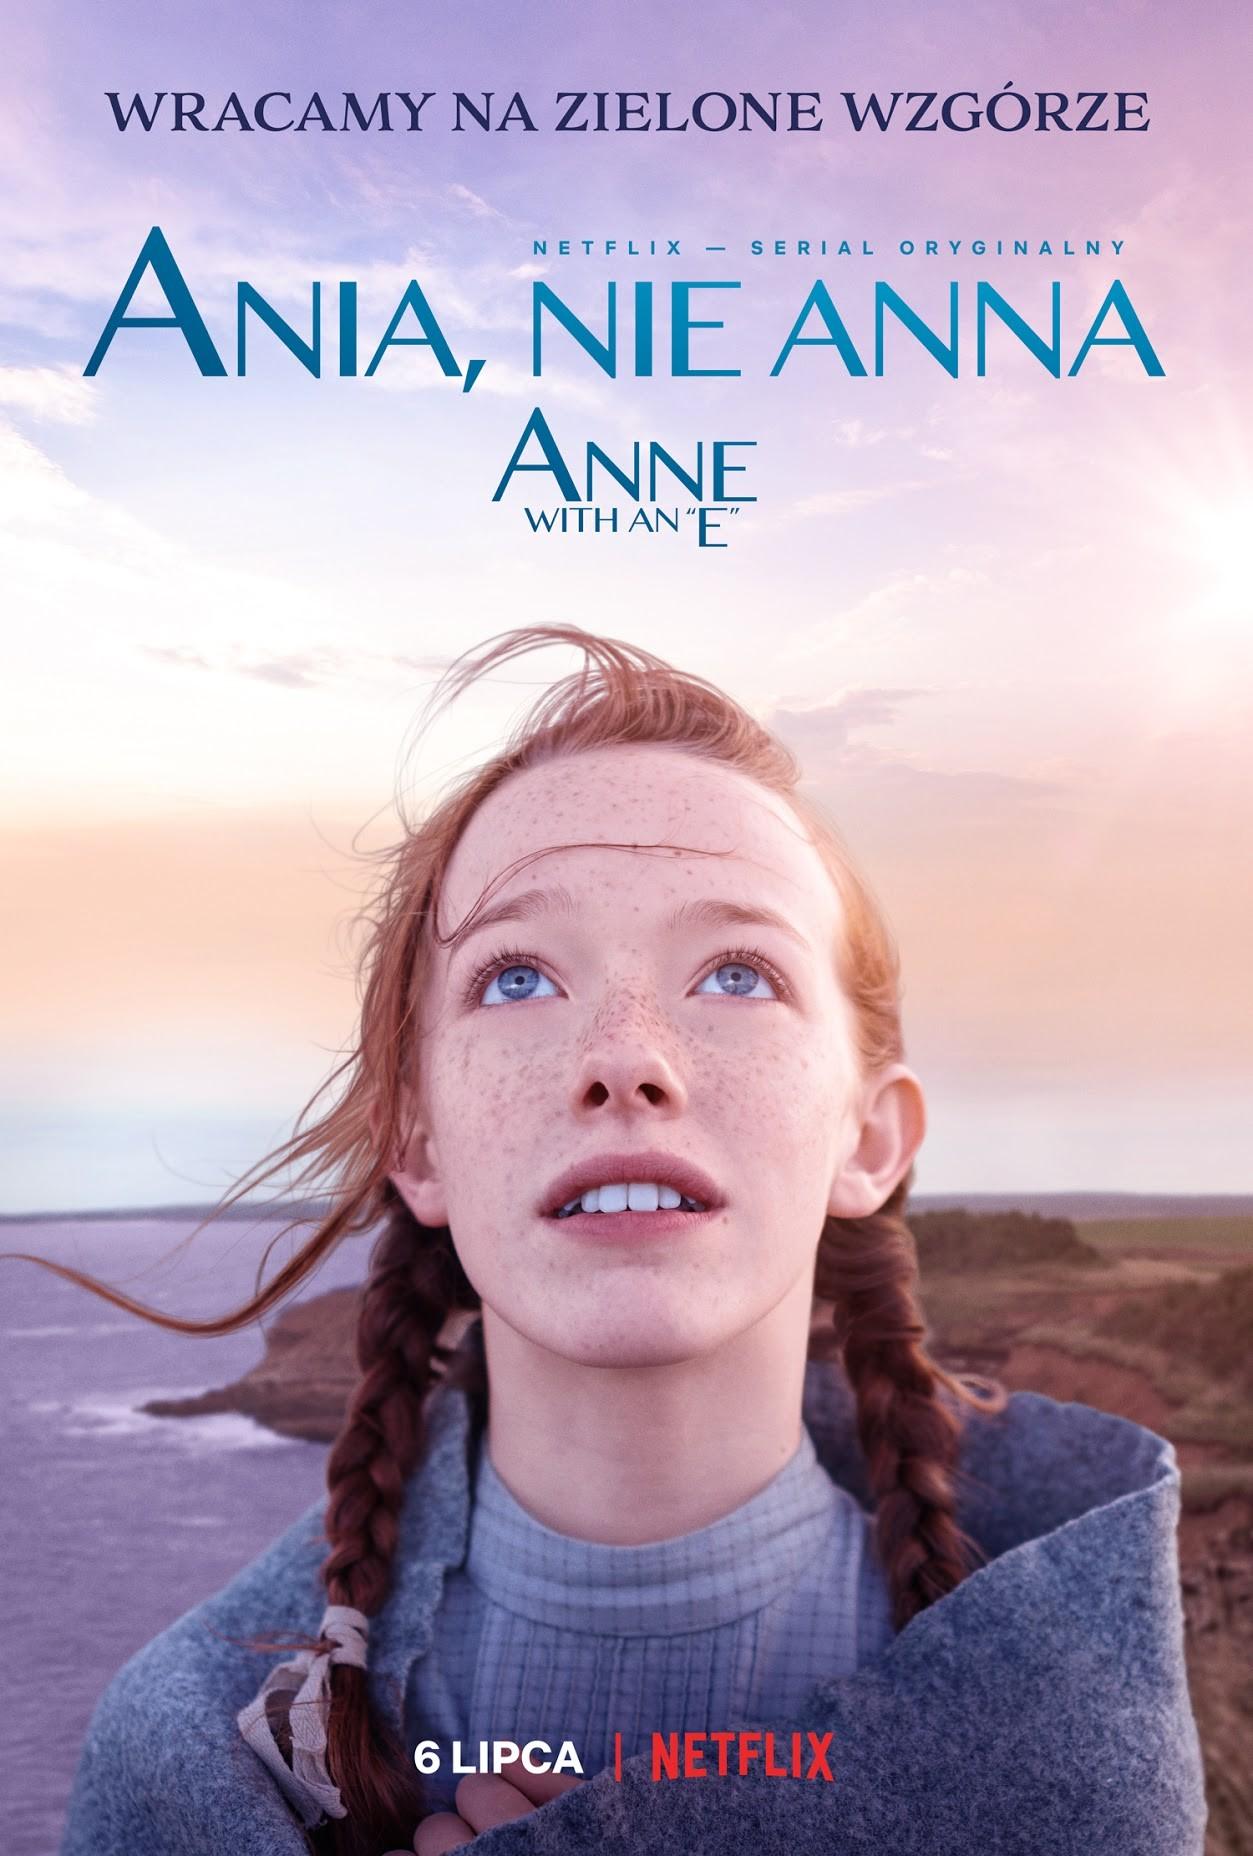 ANNE_WITH_AN_E_Vertical-FACE_PRE_PL.jpg